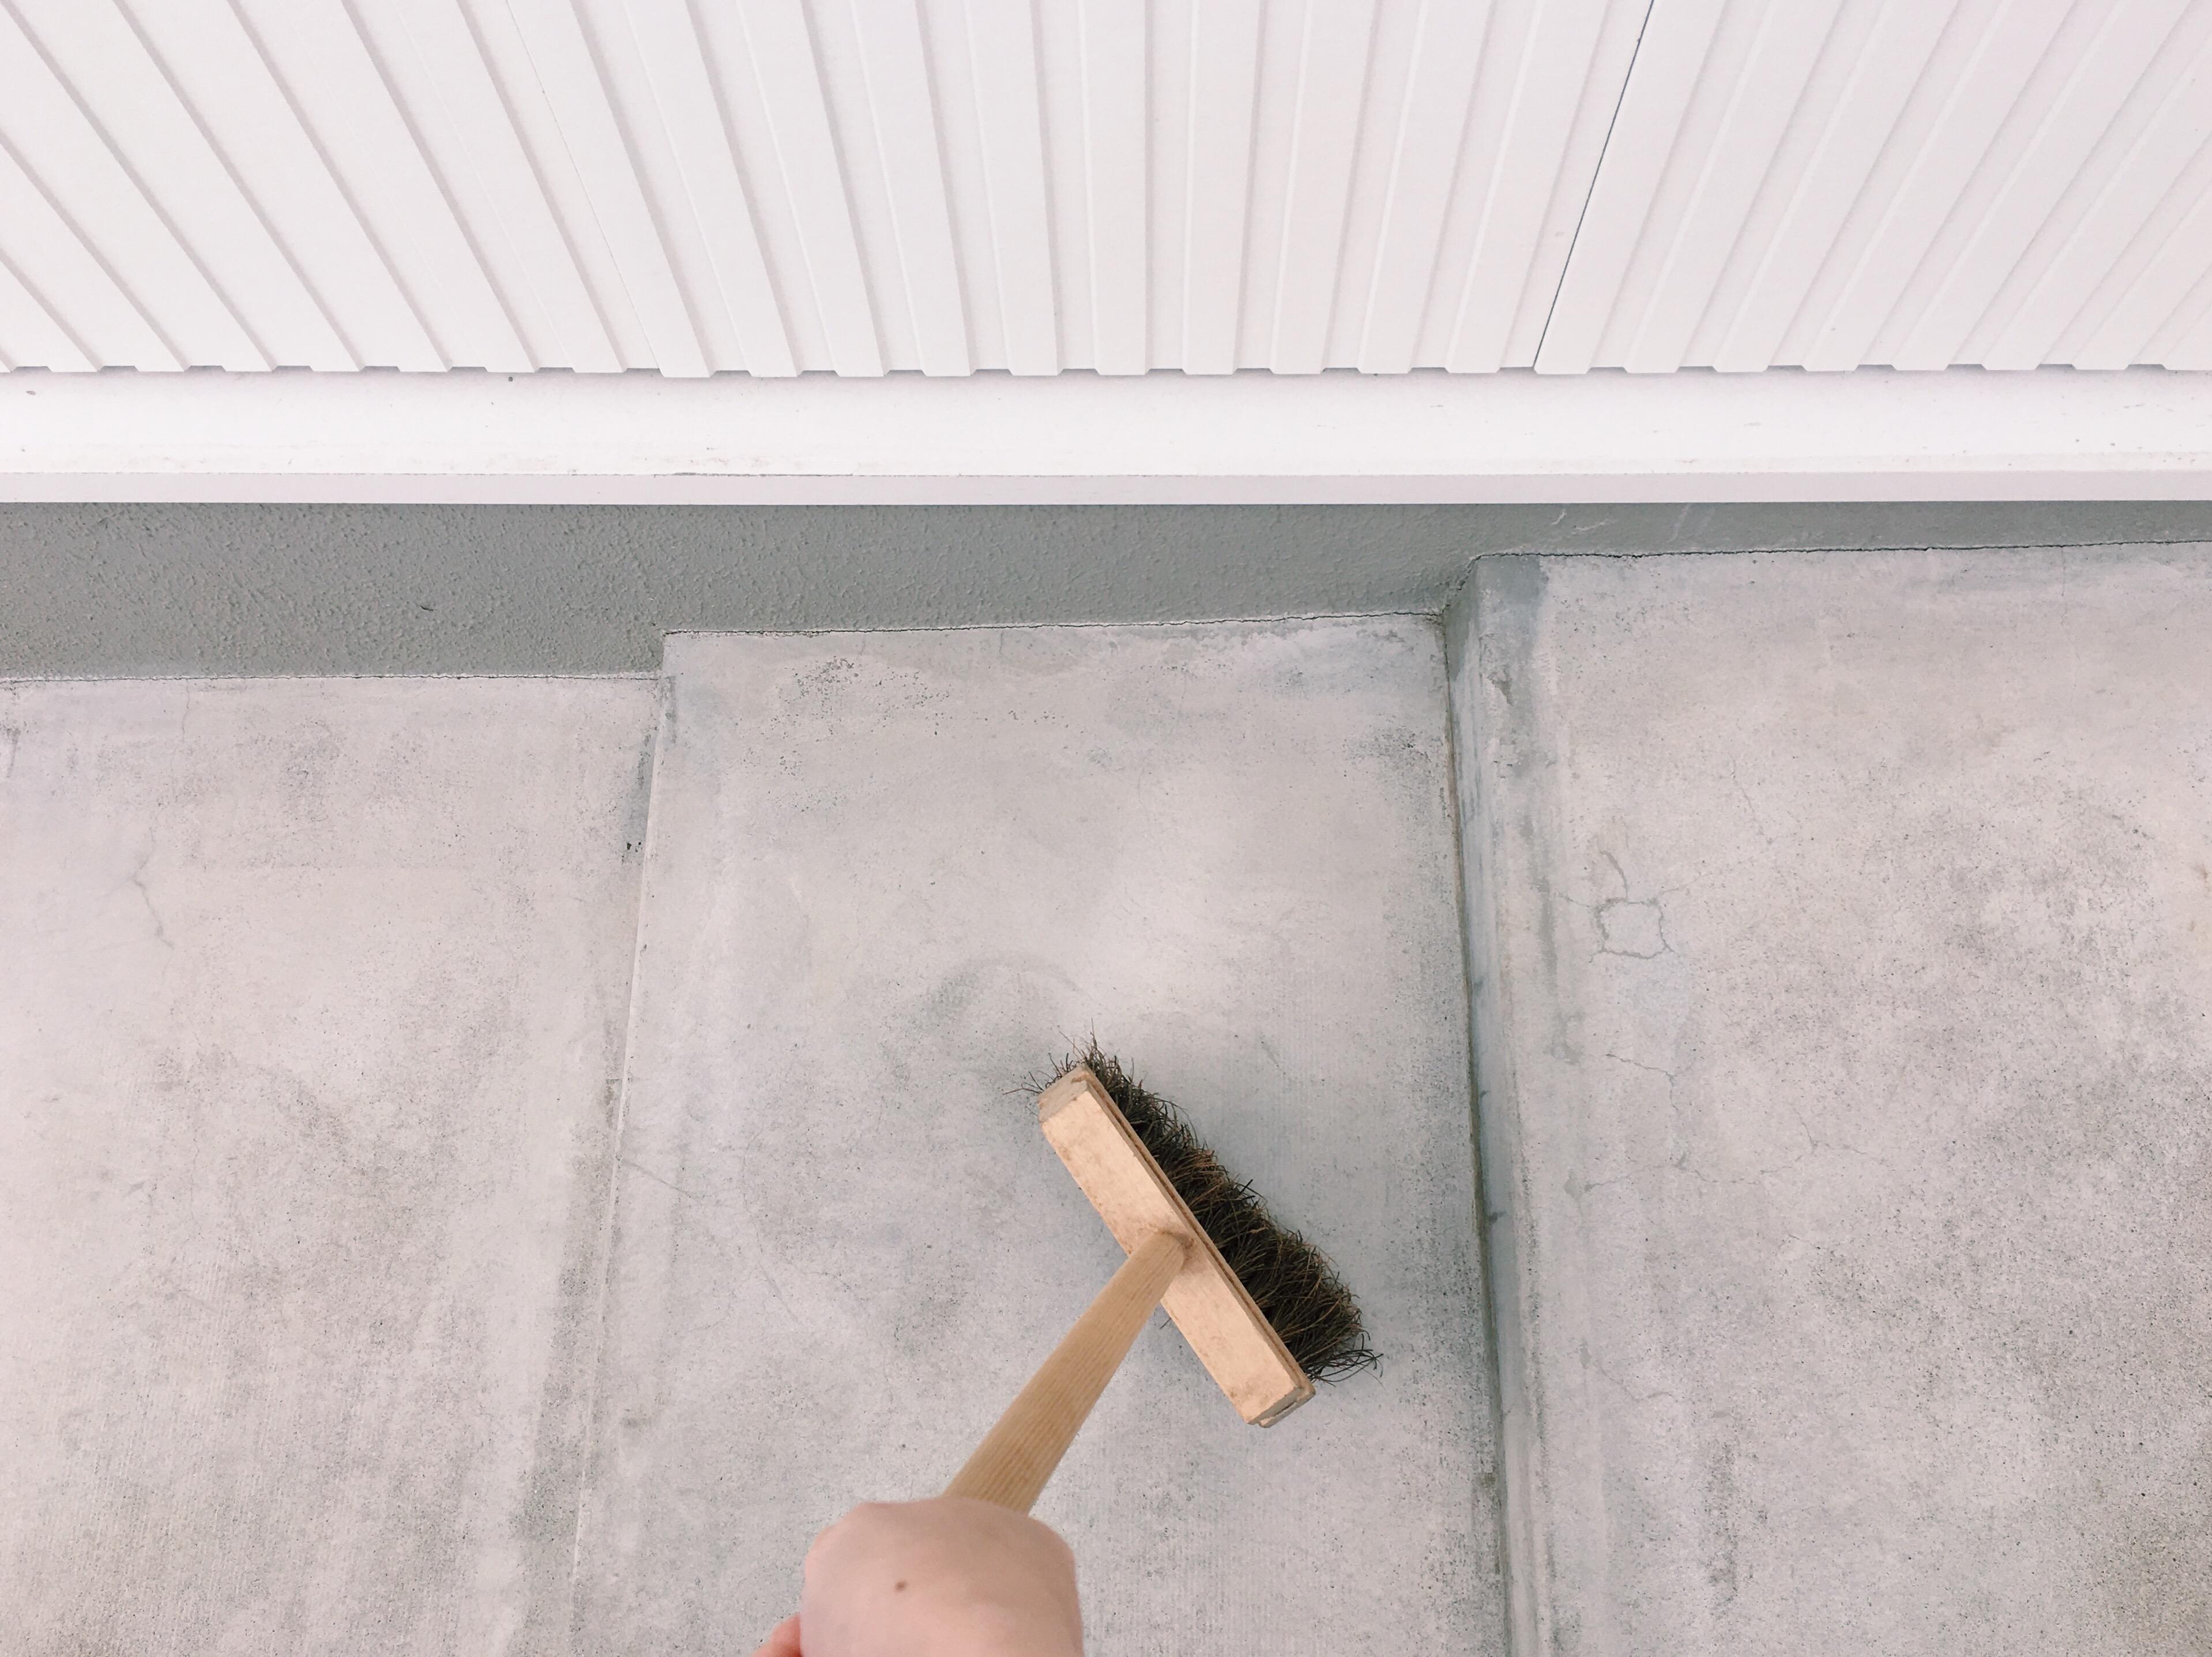 【育休中のルーティン掃除】朝家事とついで掃除でキレイを保つ